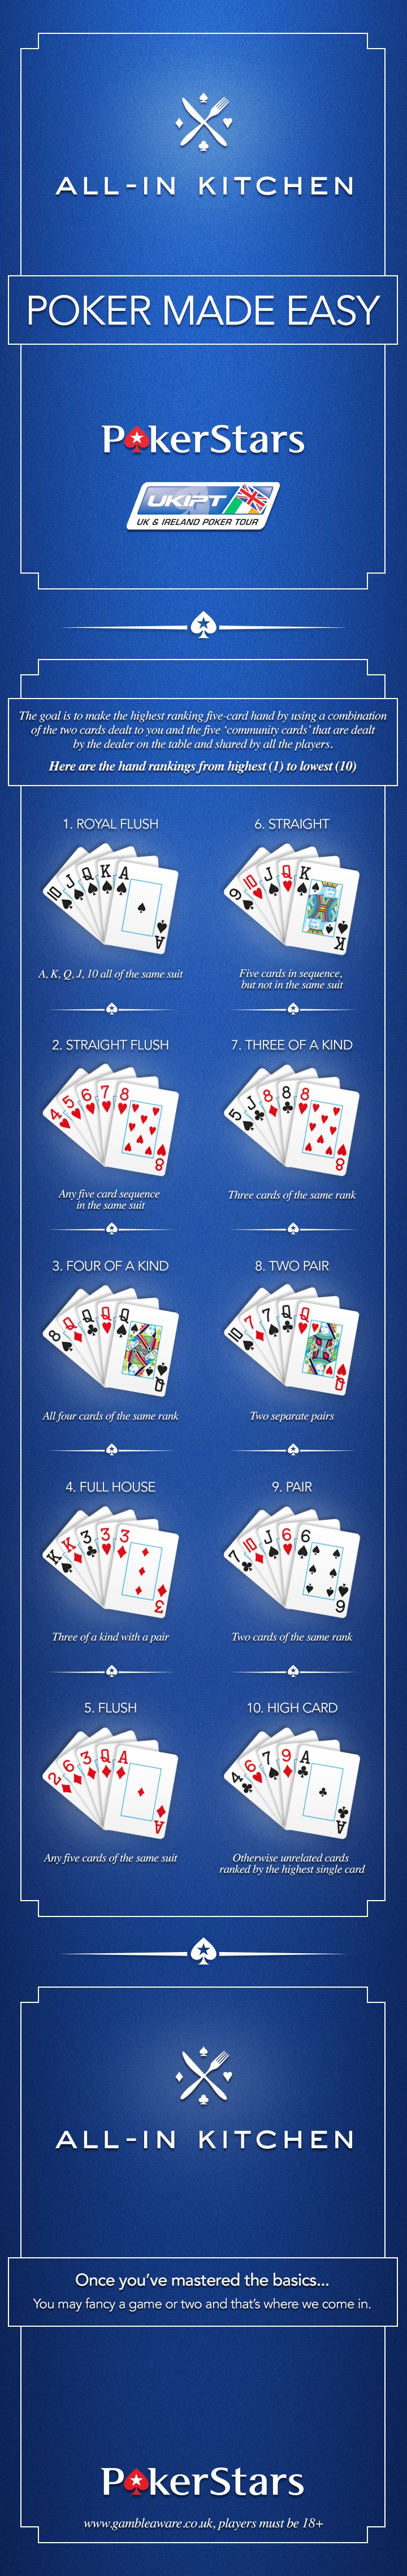 Poker Made Easy